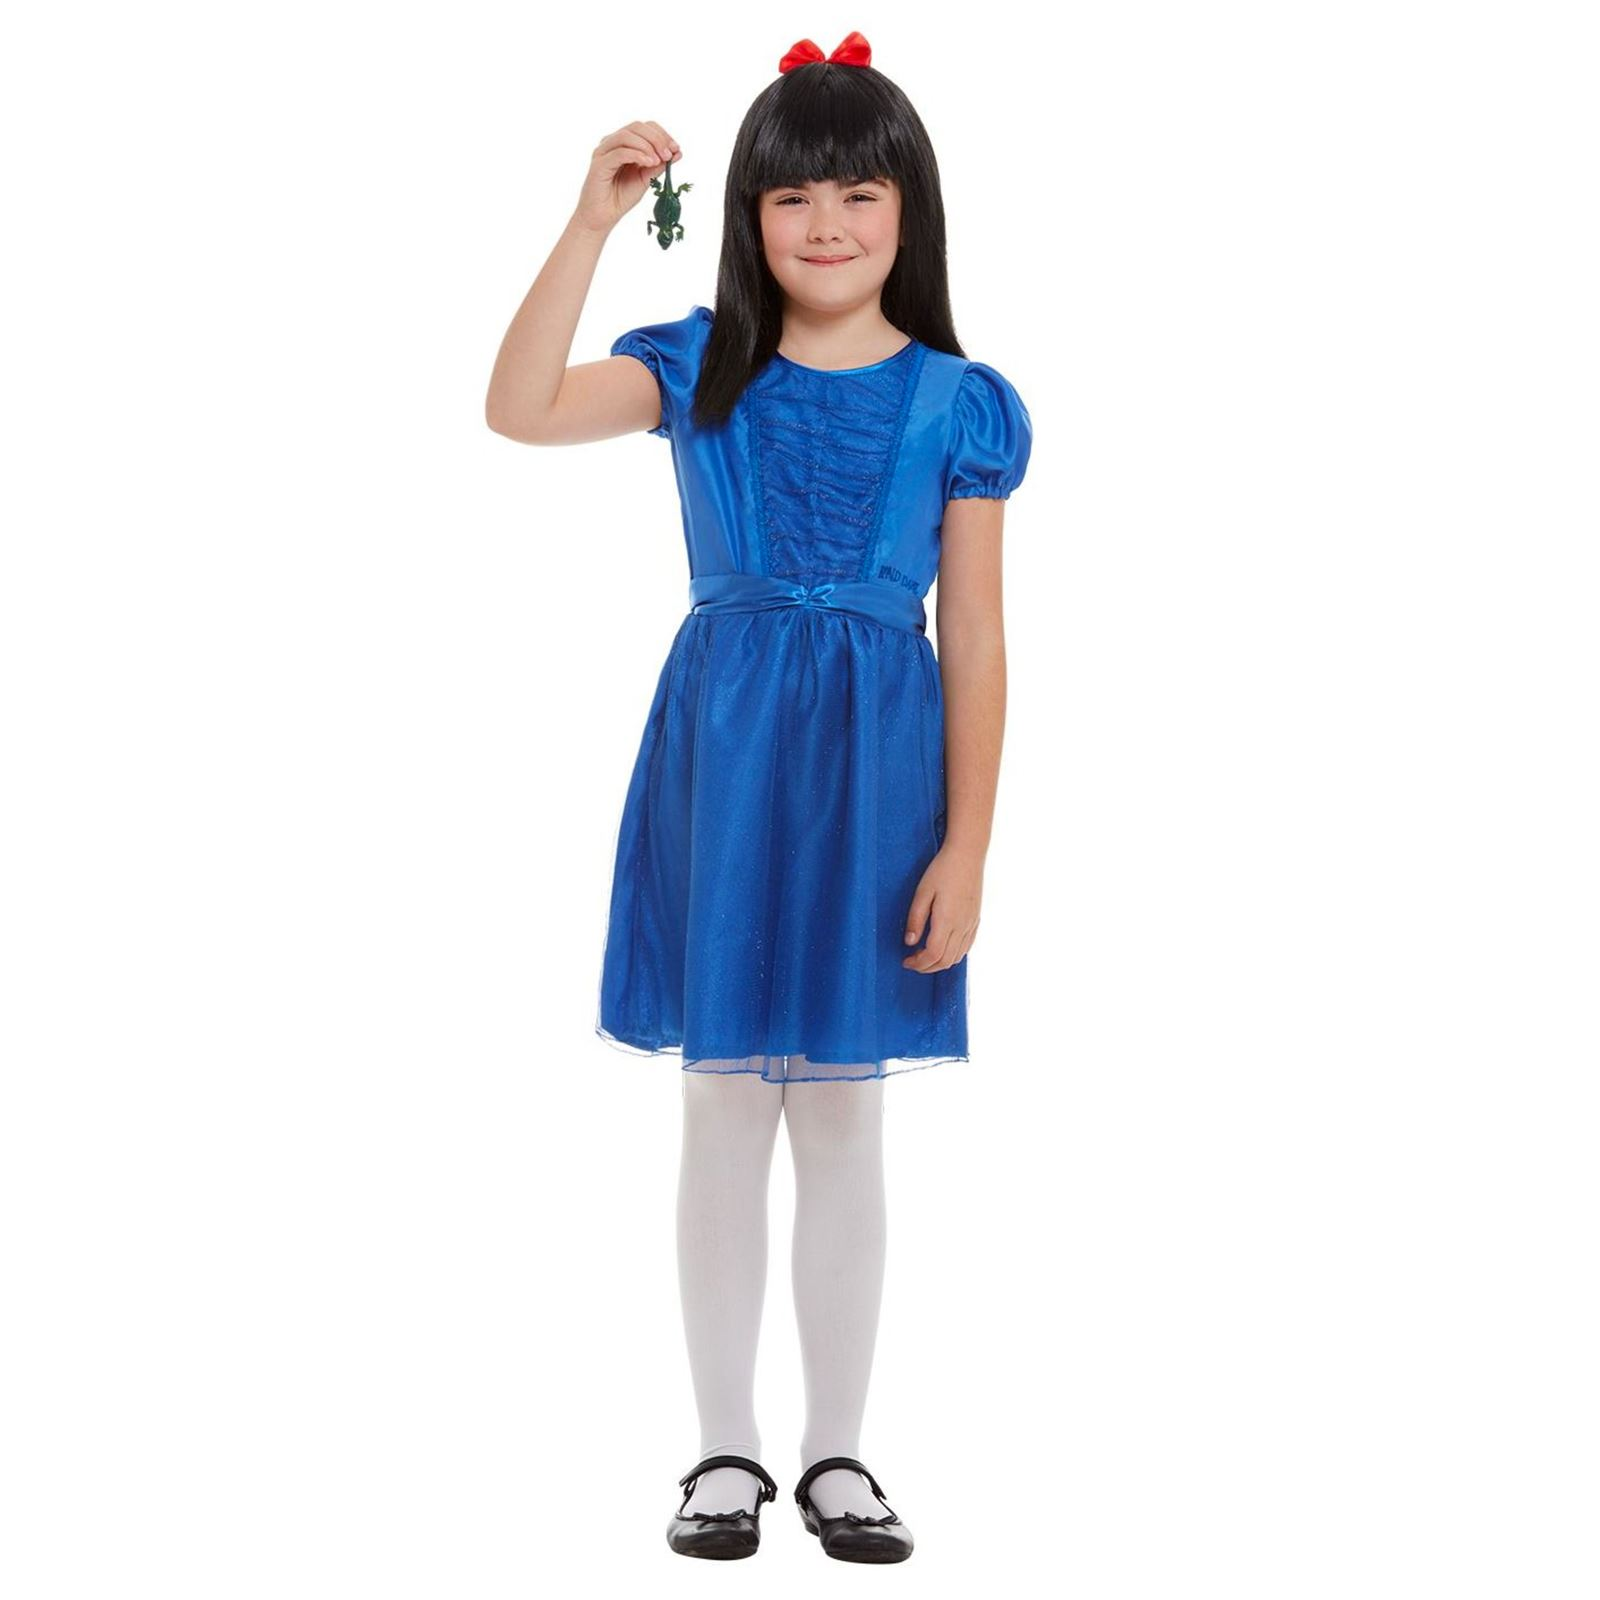 Girls Matilda Roald Dahl Book Week Character Fancy Dress